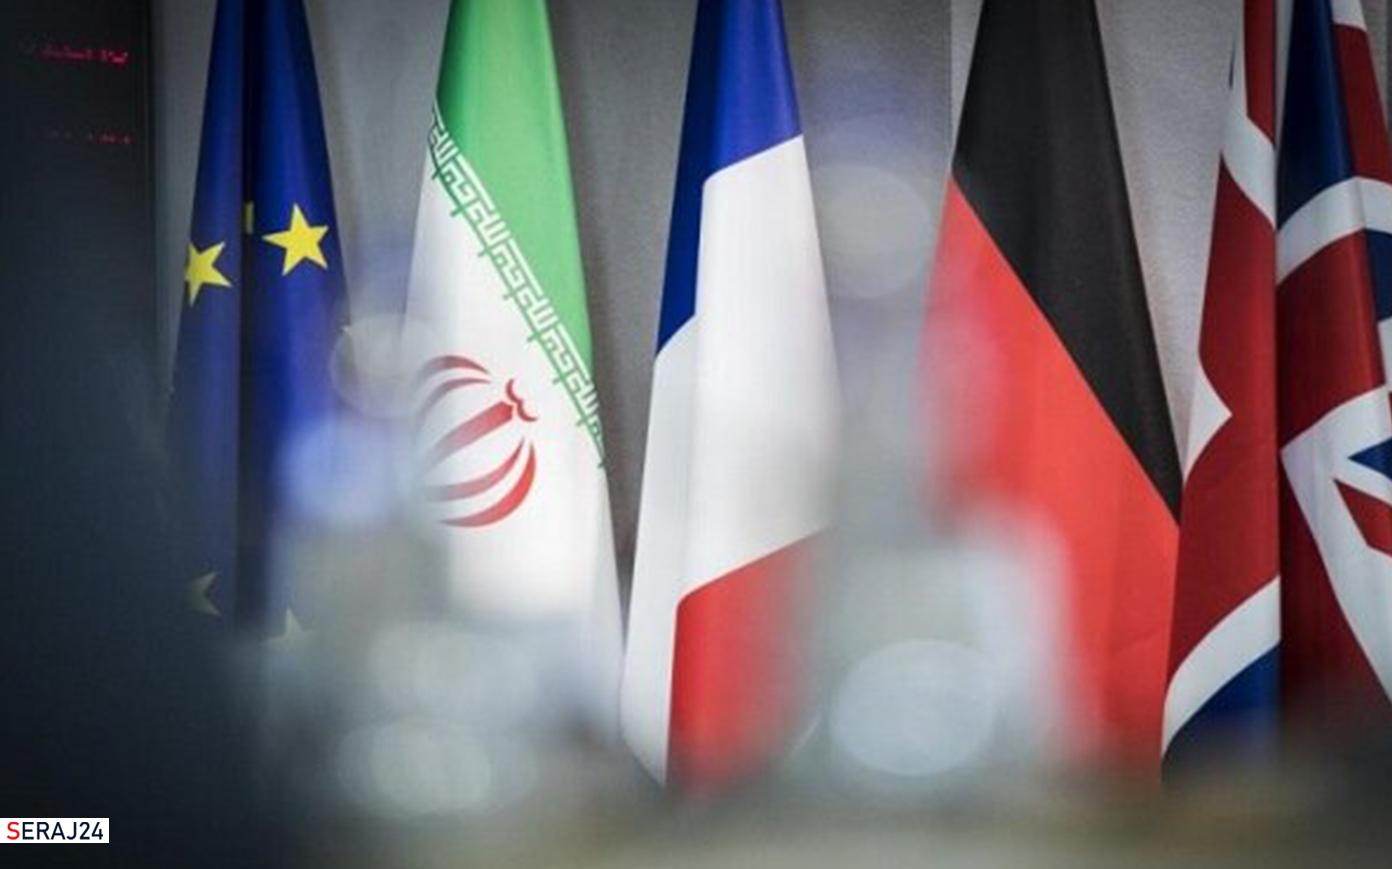 موسسه مالیه بین المللی : بازگشت به برجام، دستاوردی برای اقتصاد ایران ندارد